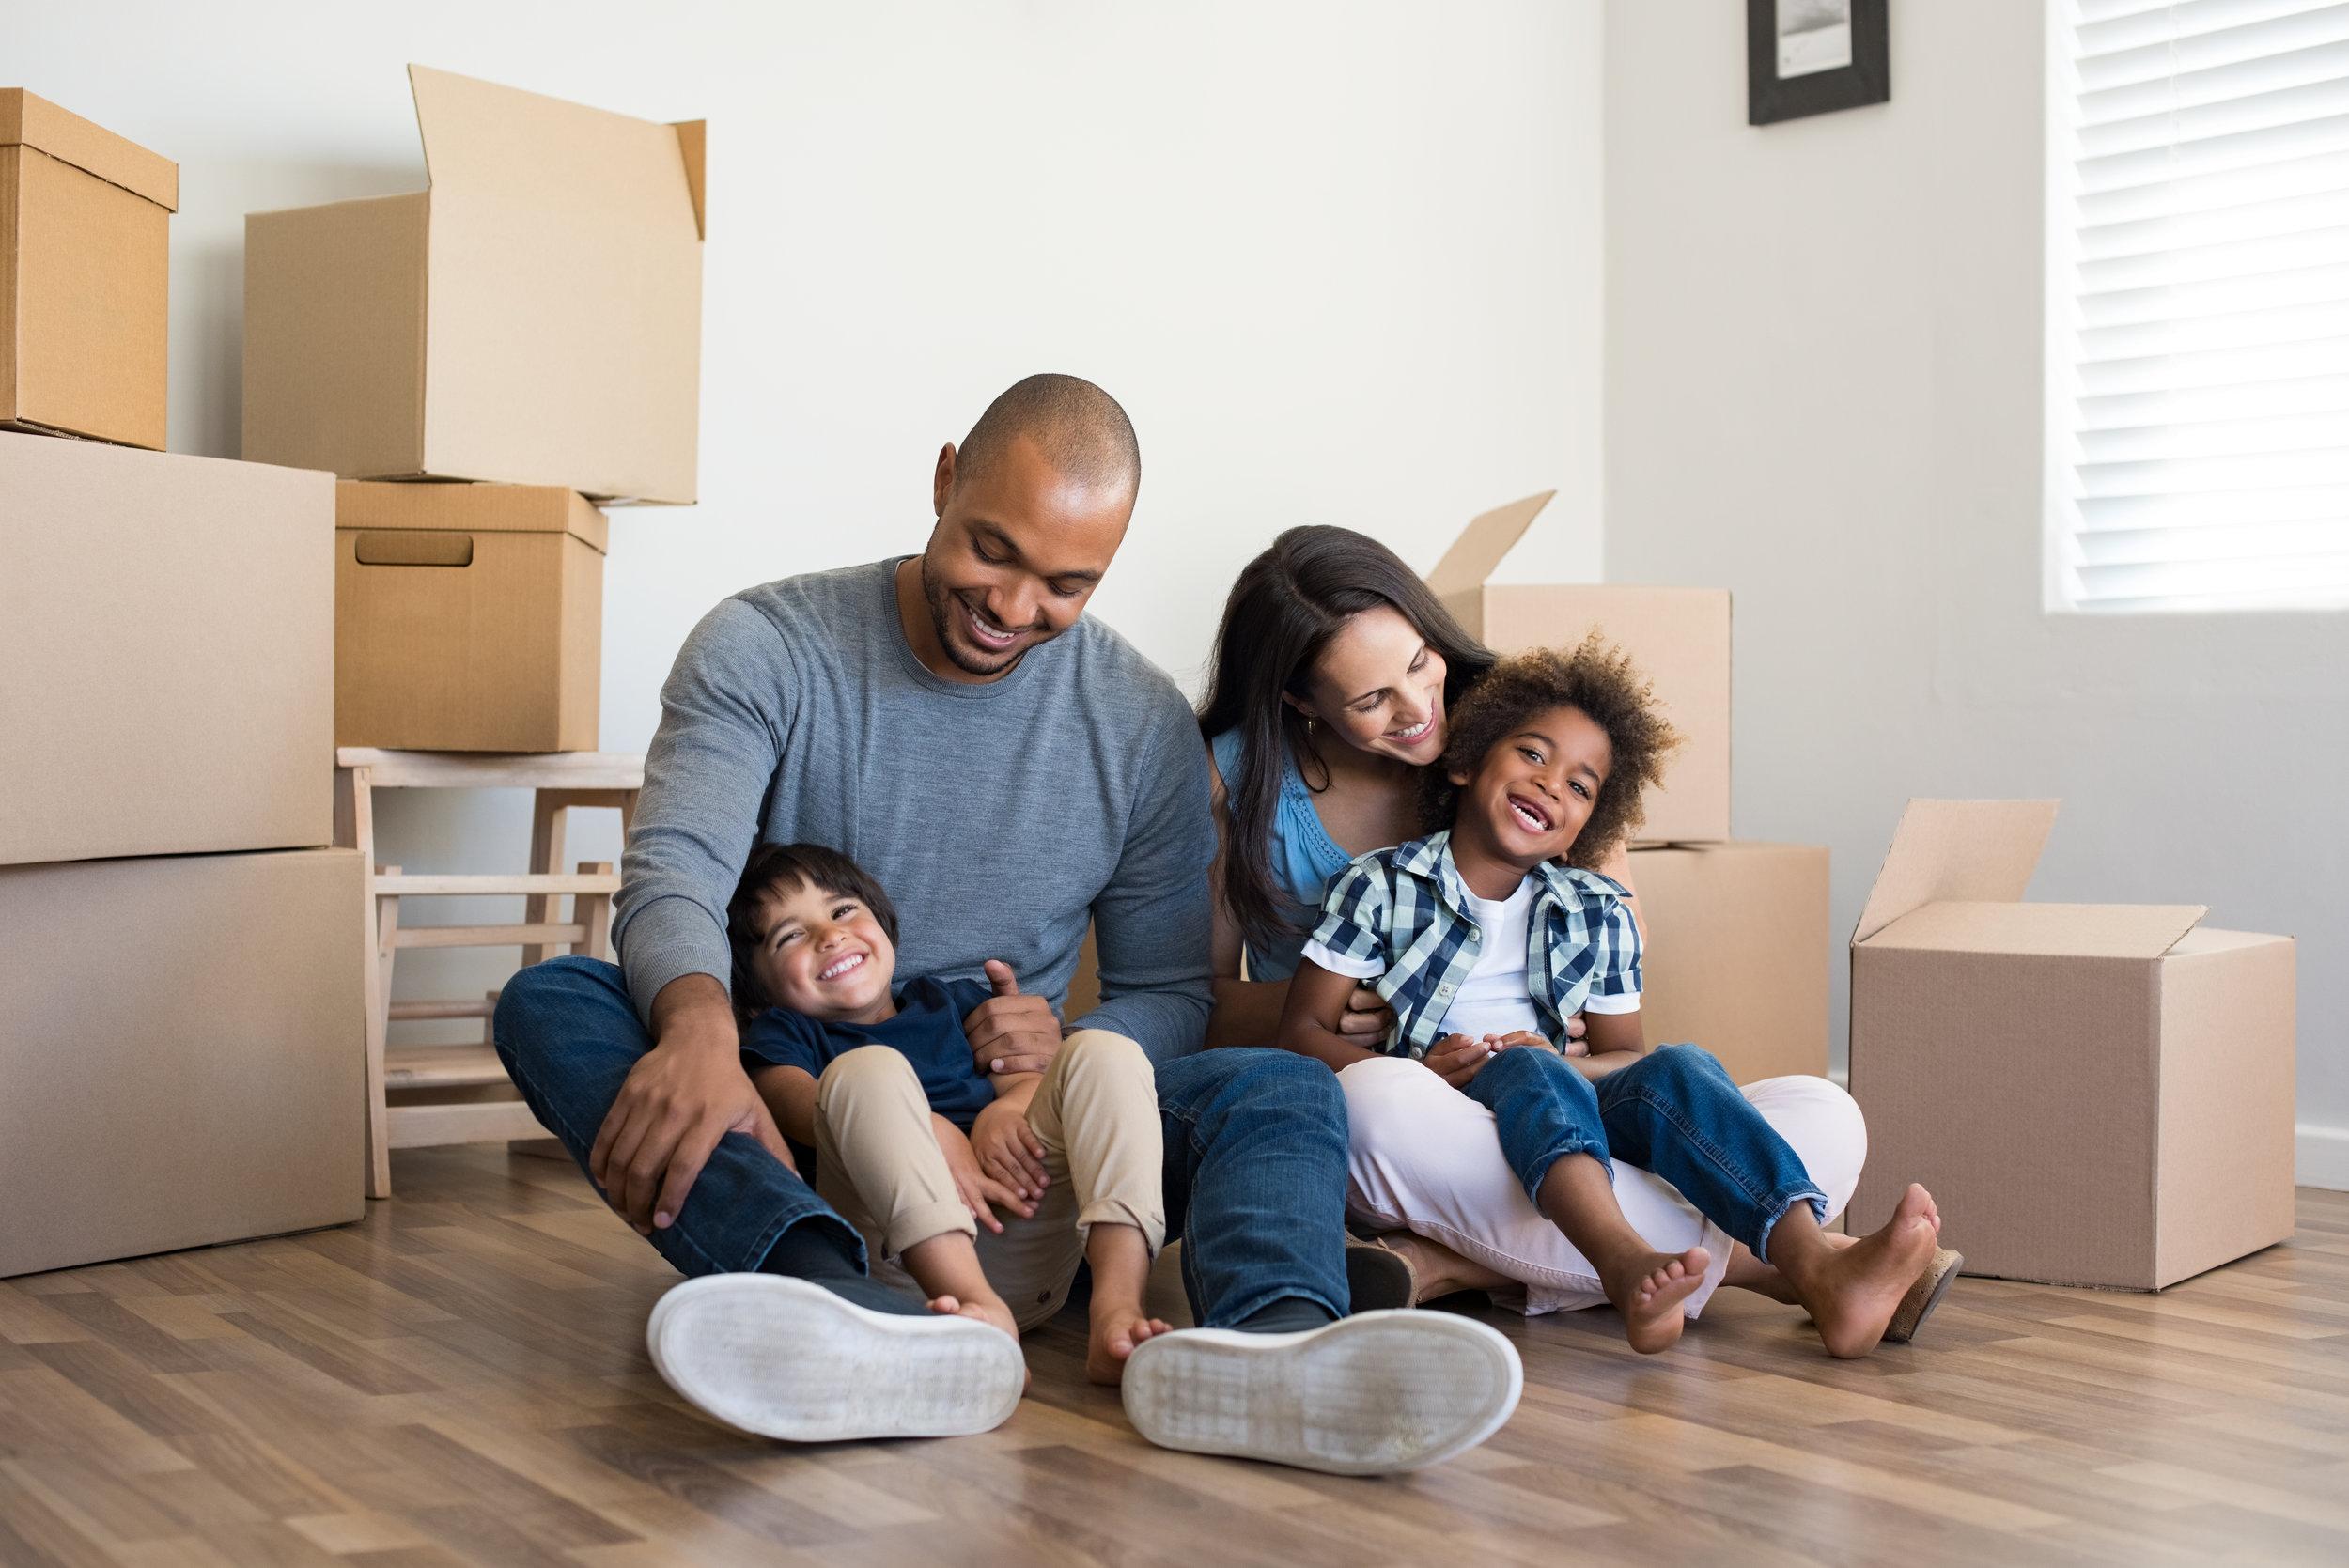 family-moving-home-PXCULV3.jpg